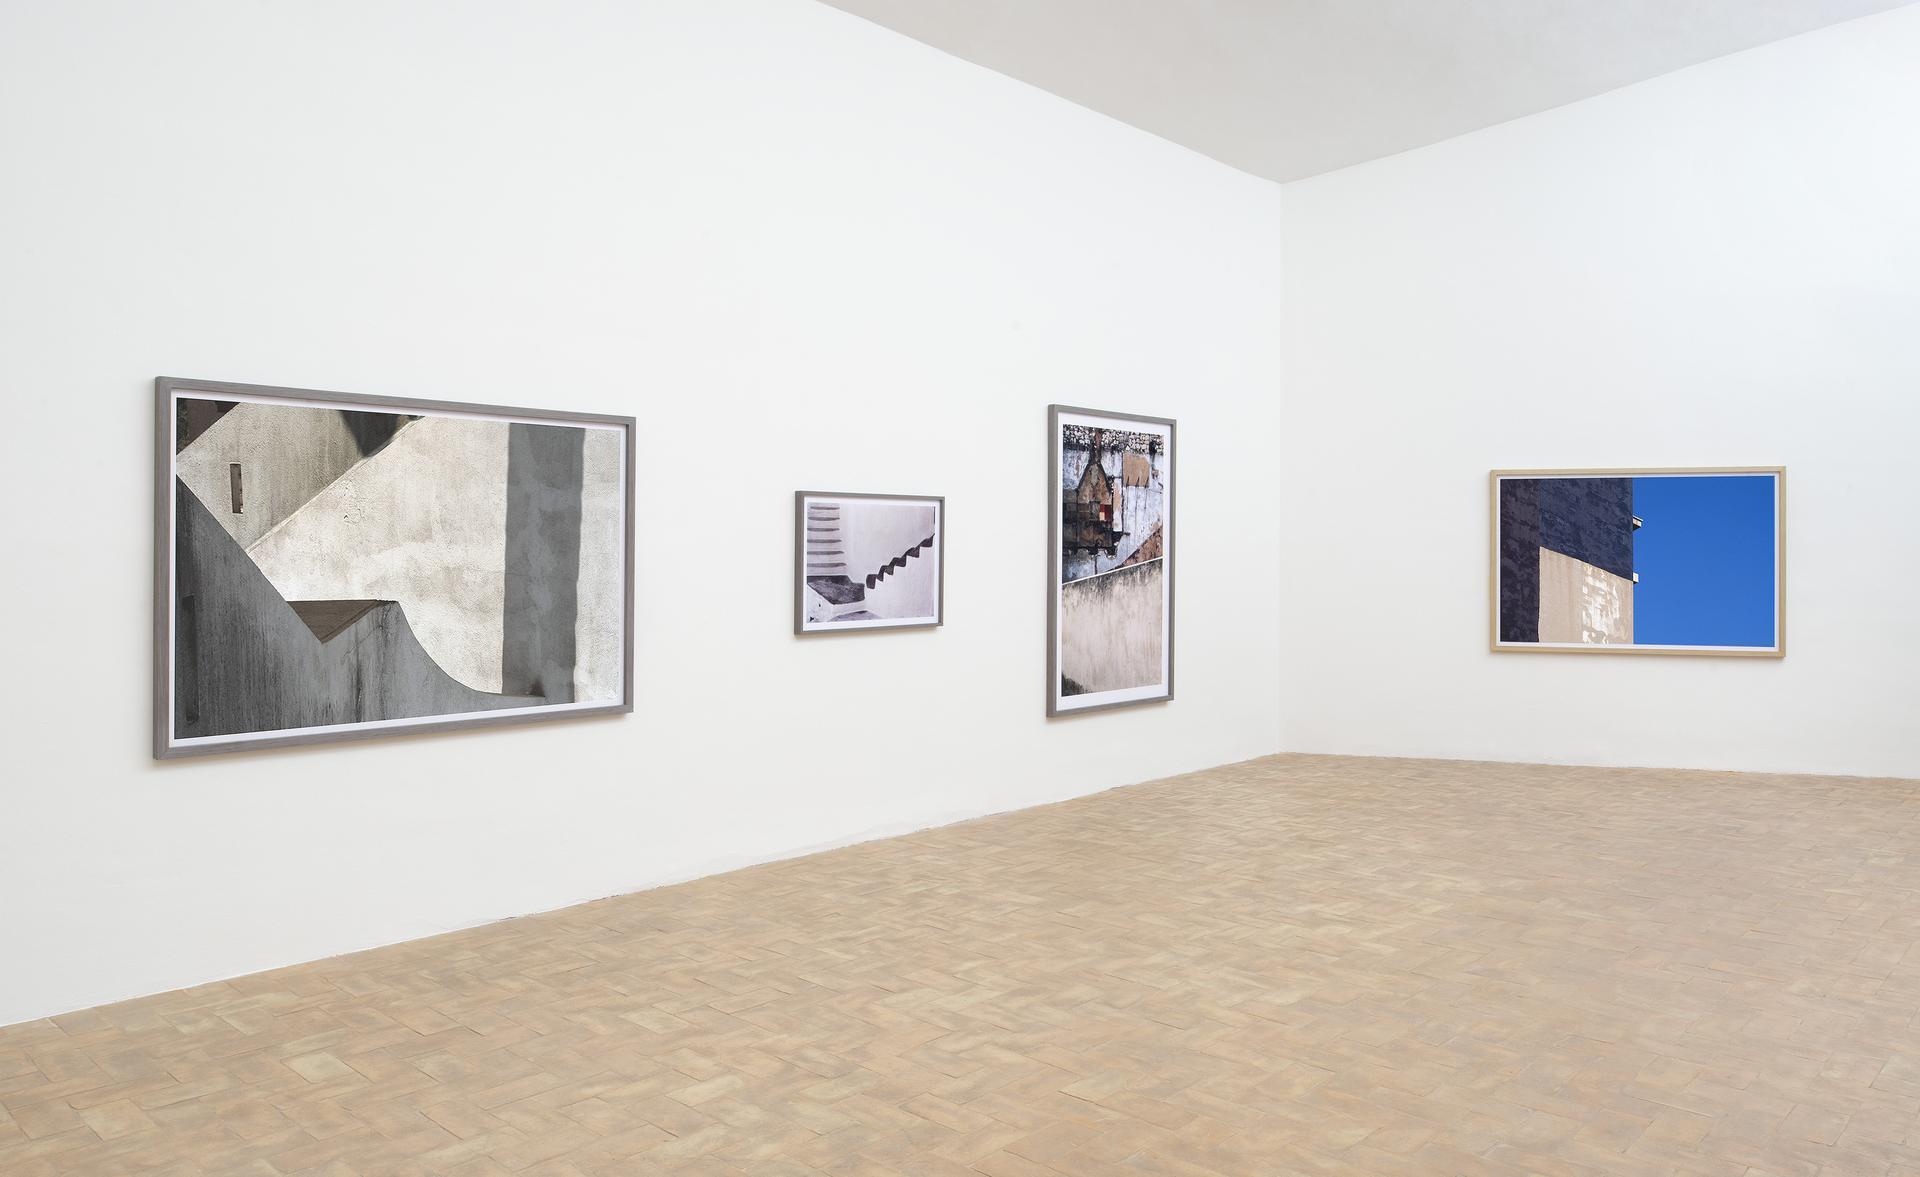 Veduta della personale Franco Fontana. Sintesi FONDAZIONE MODENA ARTI VISIVE, Palazzina dei Giardini, Modena (23 marzo – 25 agosto 2019) Foto: ©Rolando Paolo Guerzoni, 2019.